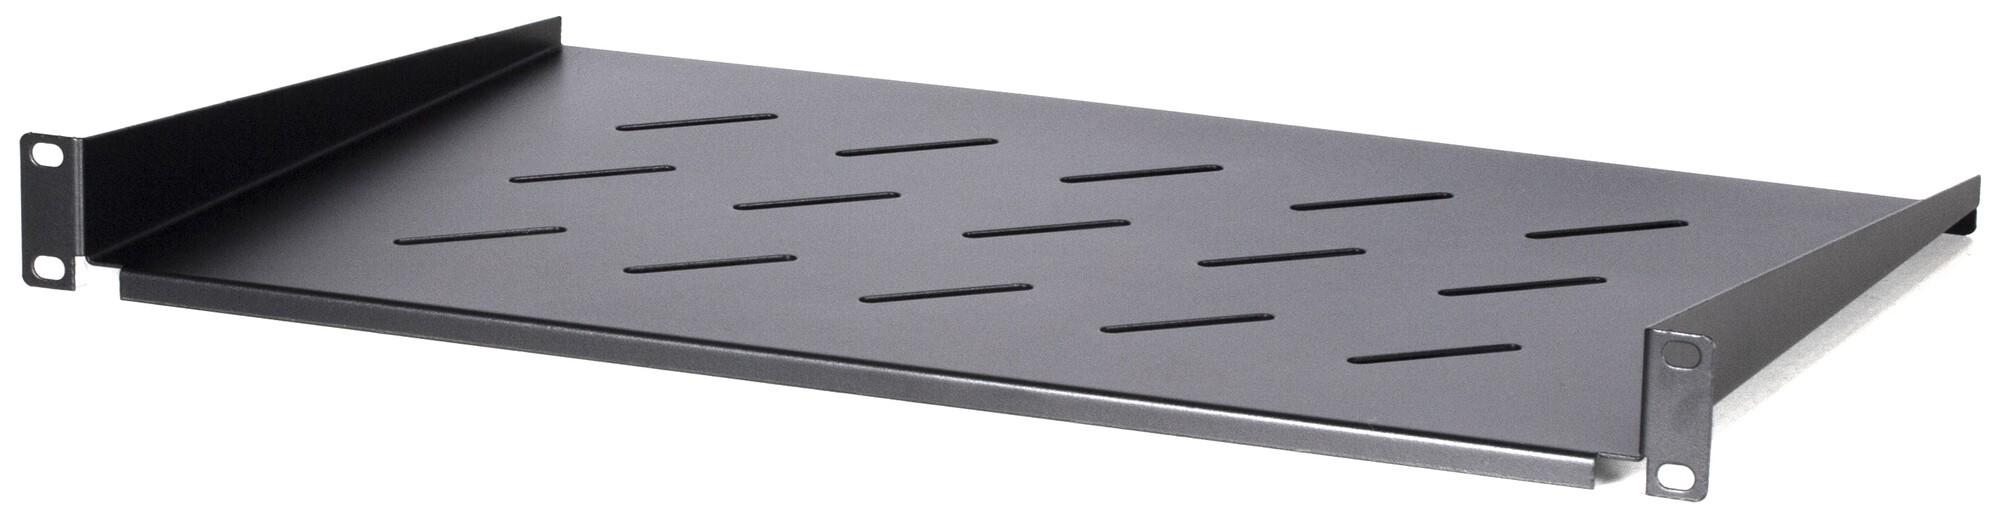 Afbeelding van 1U Legbord voor 450mm diepe wandkasten - 250mm diep (max. 8 kg)